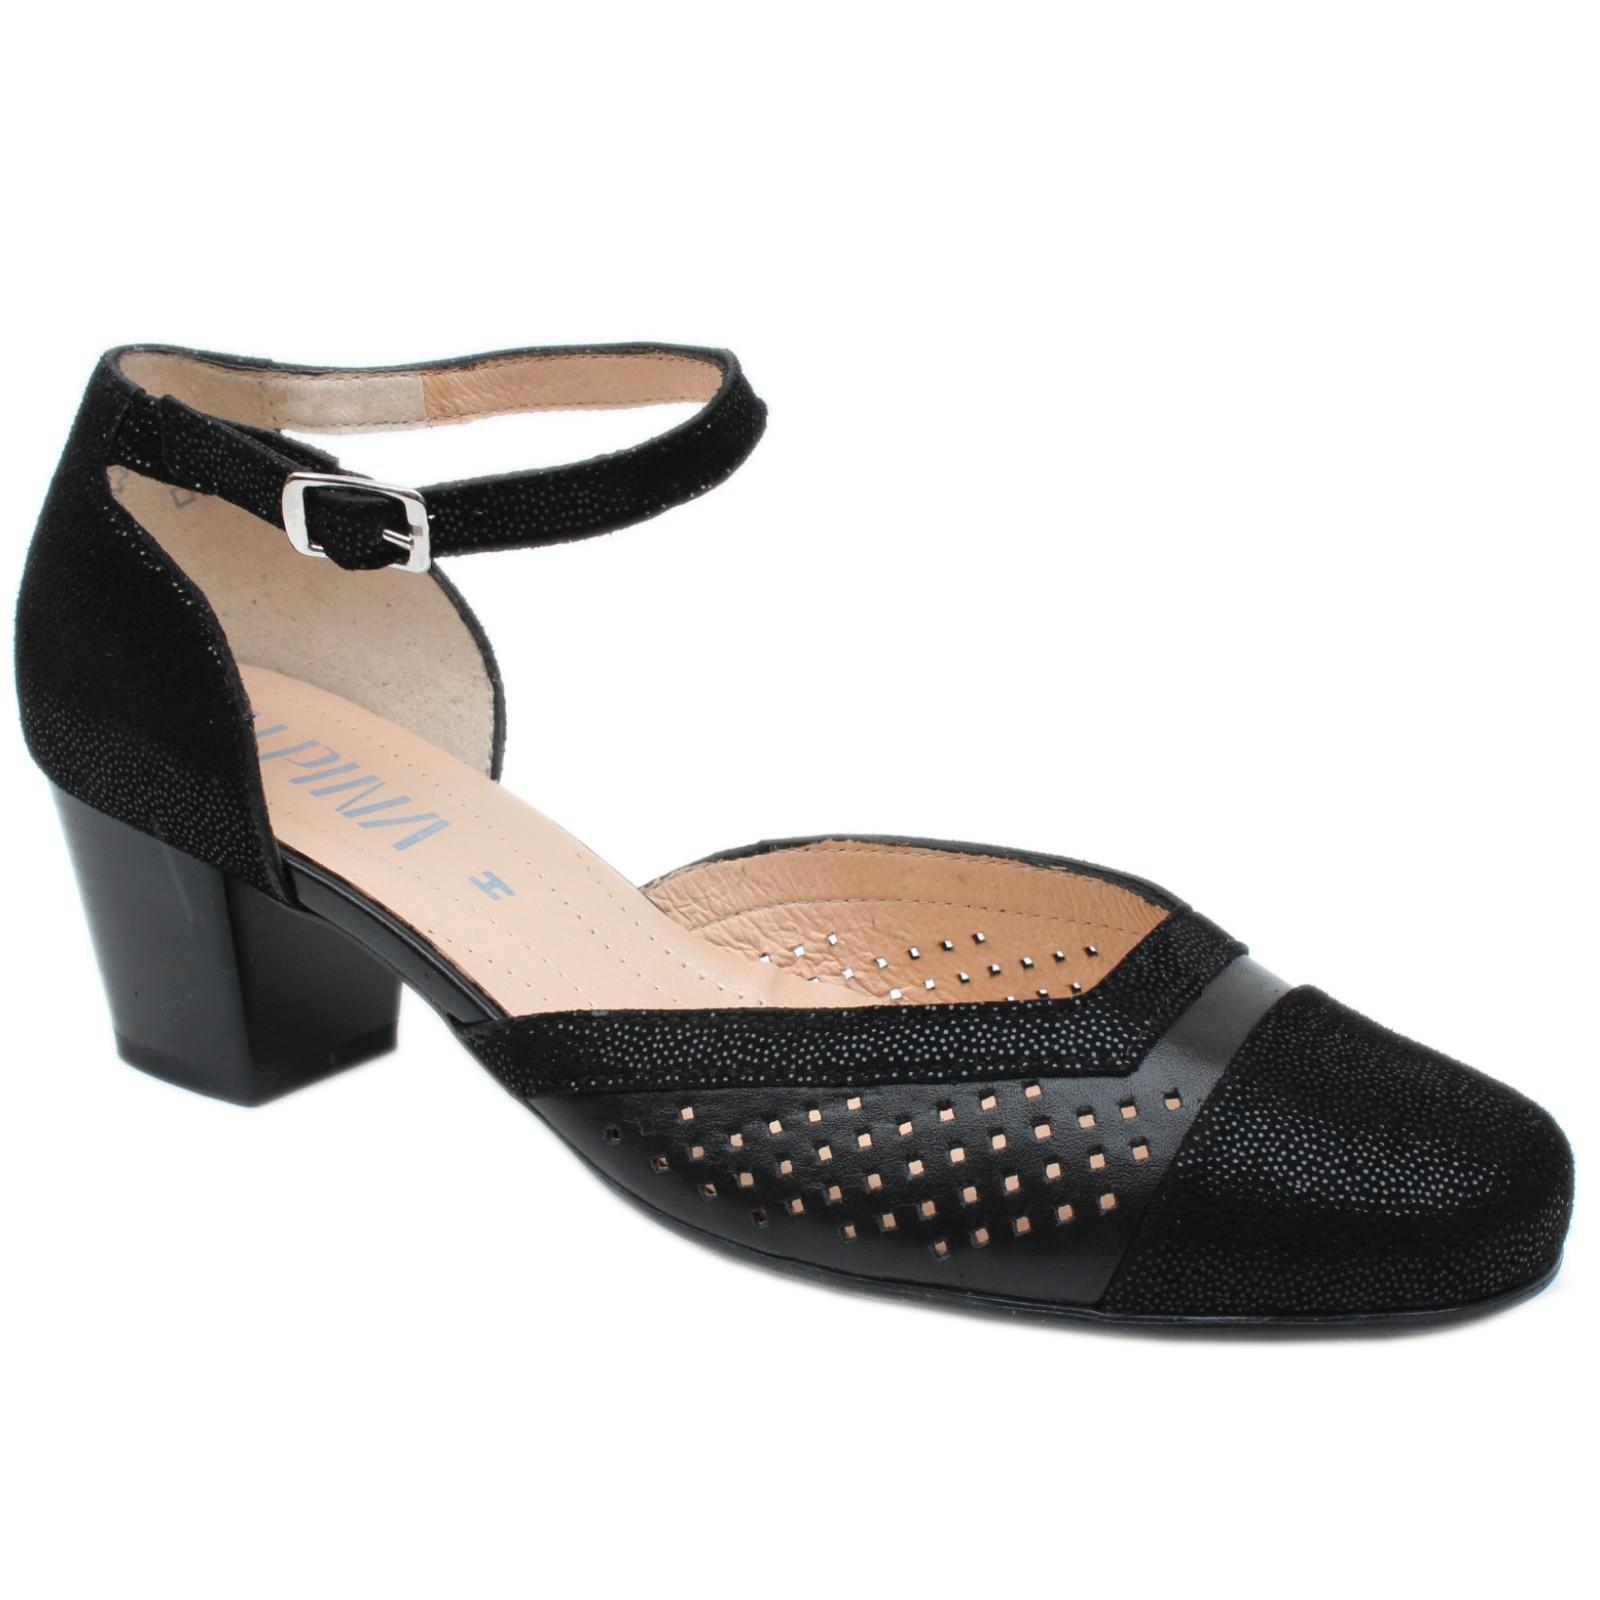 6c26dac9a8 04633 Alpina oldalt nyitott cipő 8731-1 - Női cipő oldalt nyitott